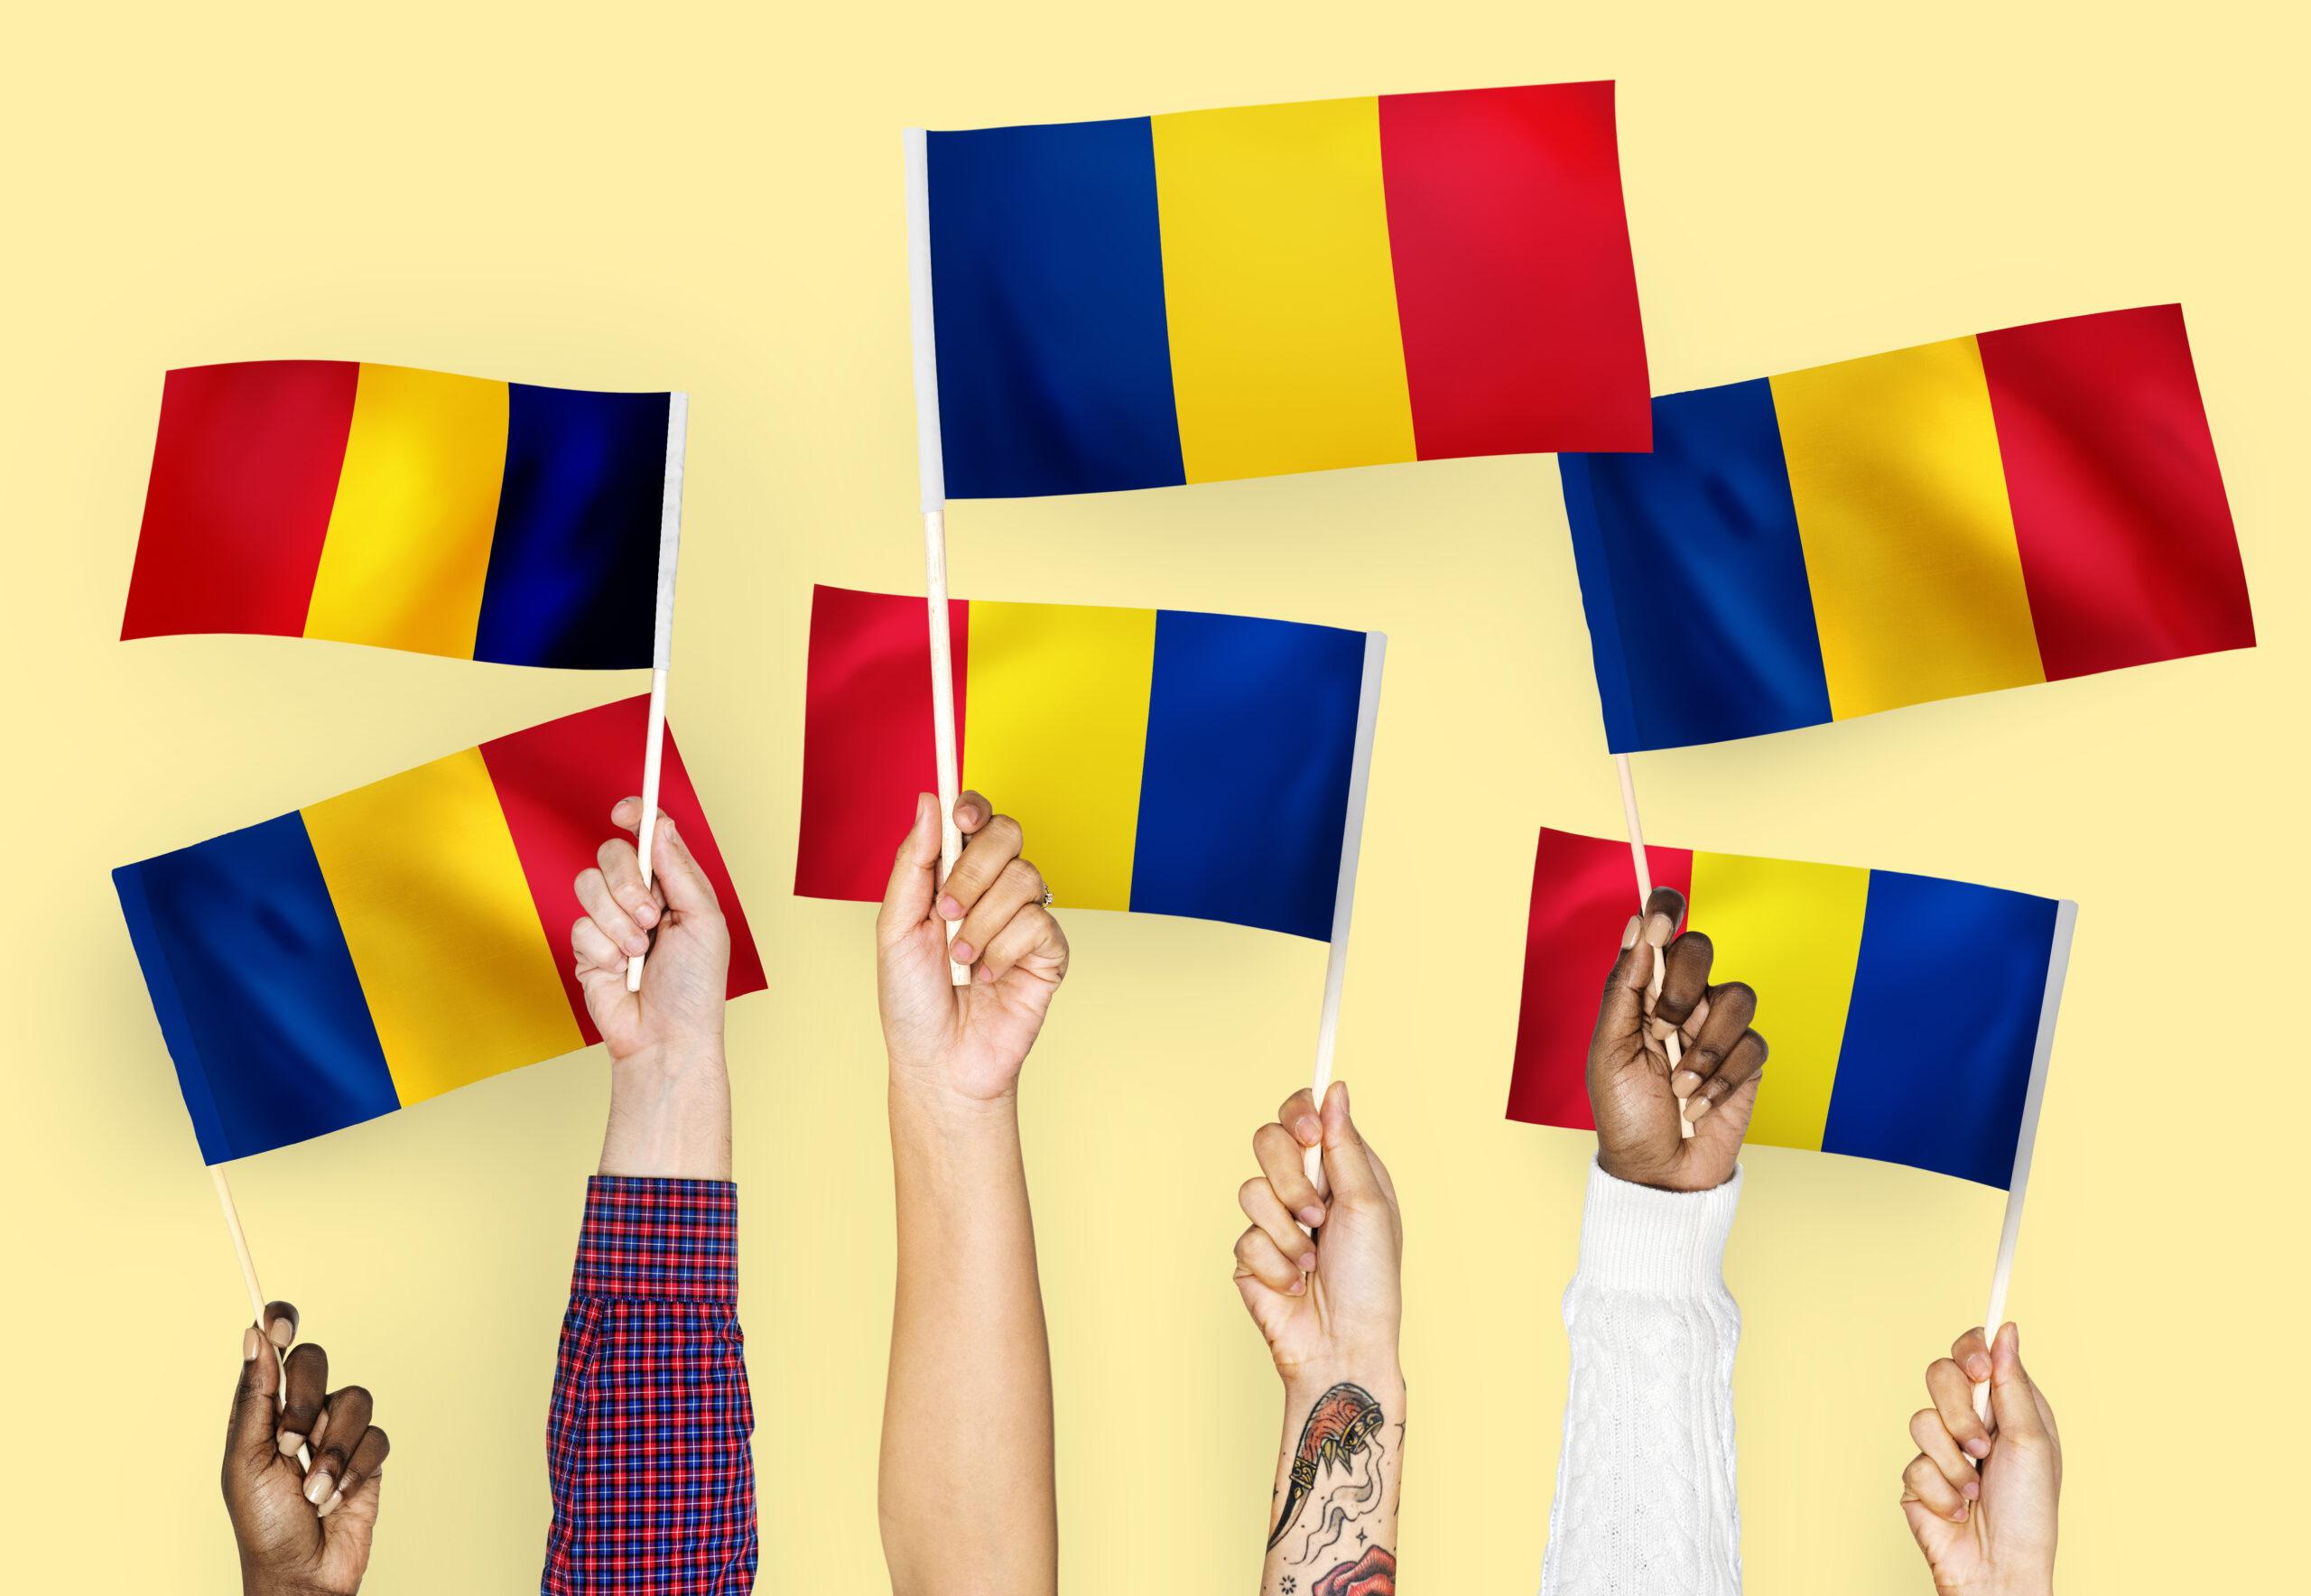 Numărul de studenți români din Marea Britanie